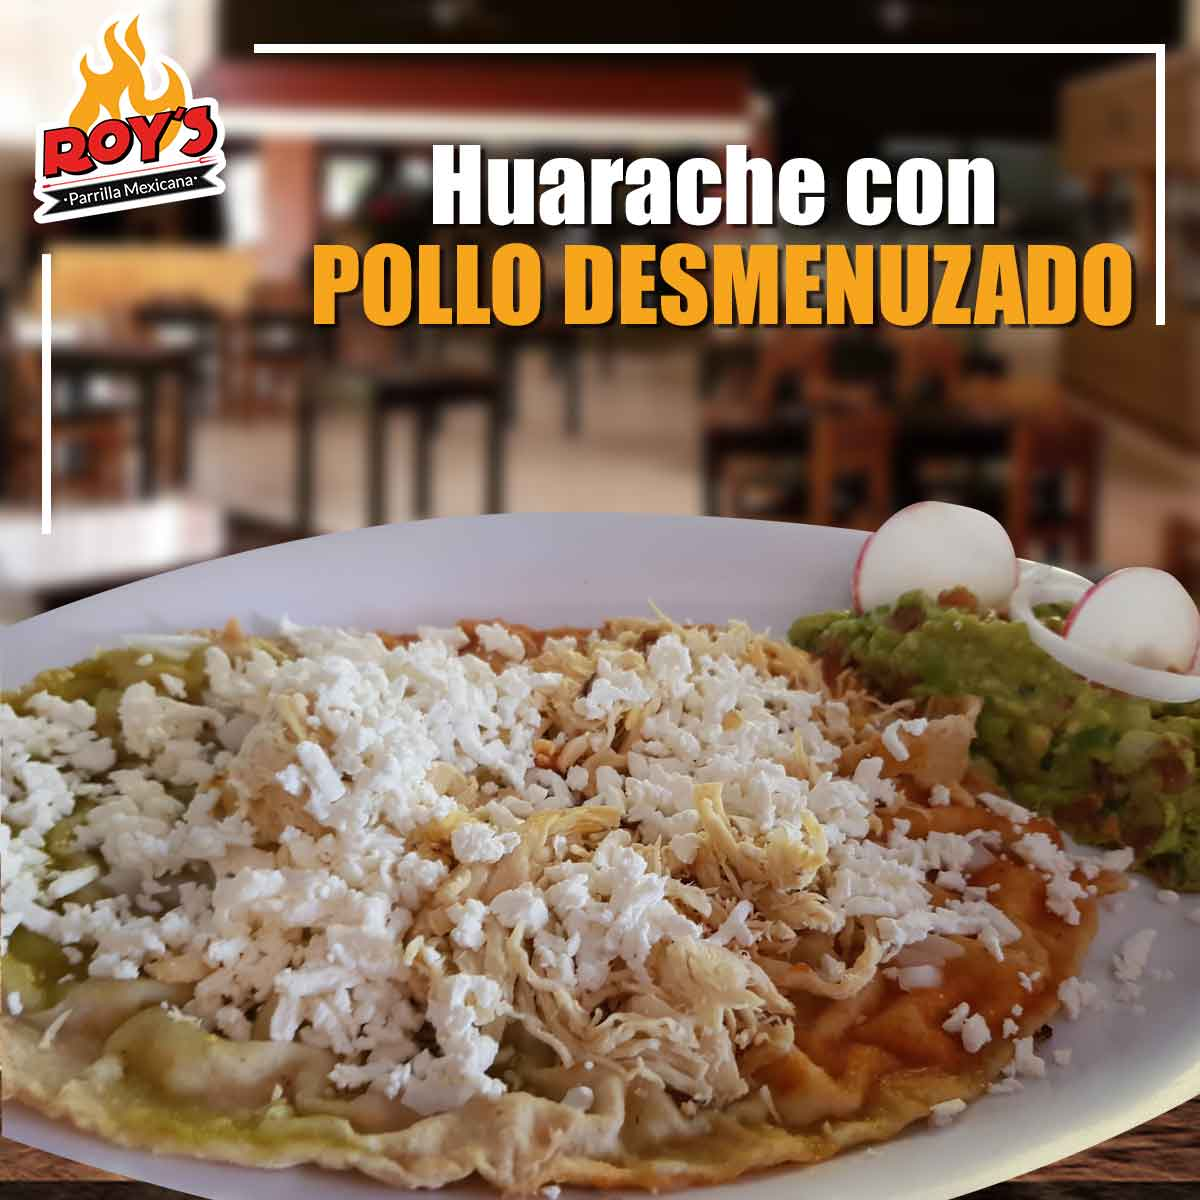 Huarache con pollo desmenuzado